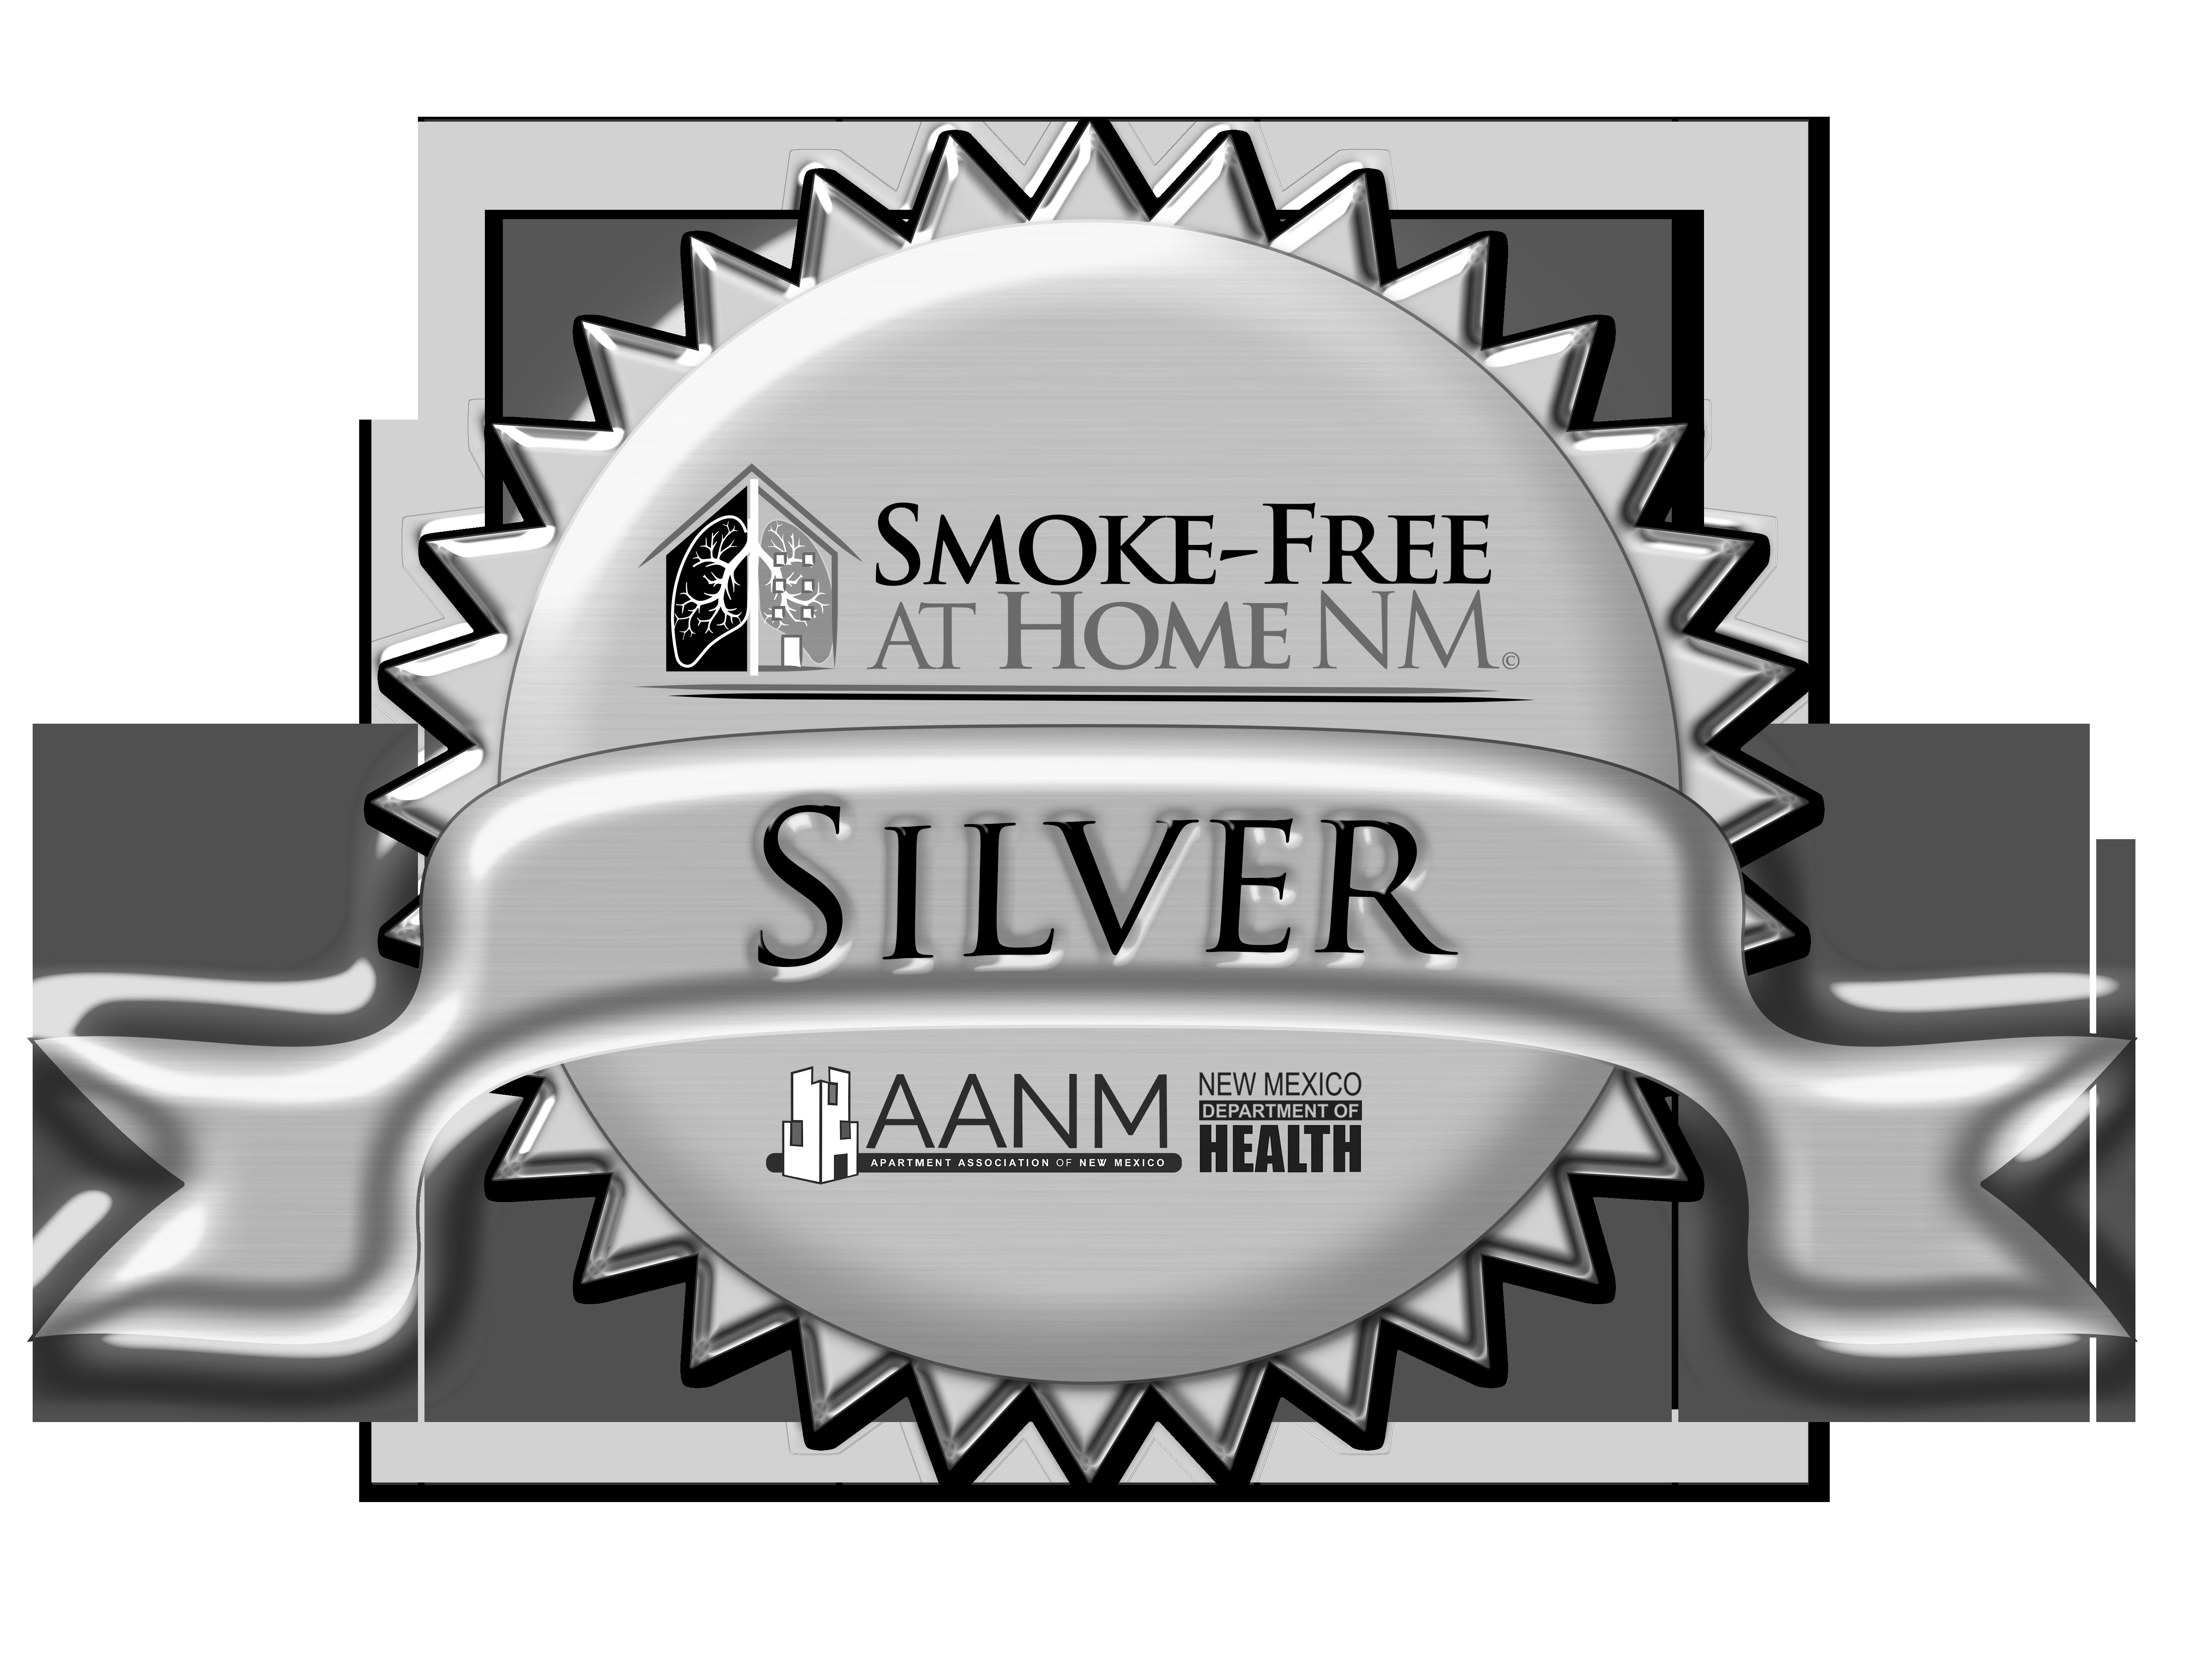 Smoke-Free Silver